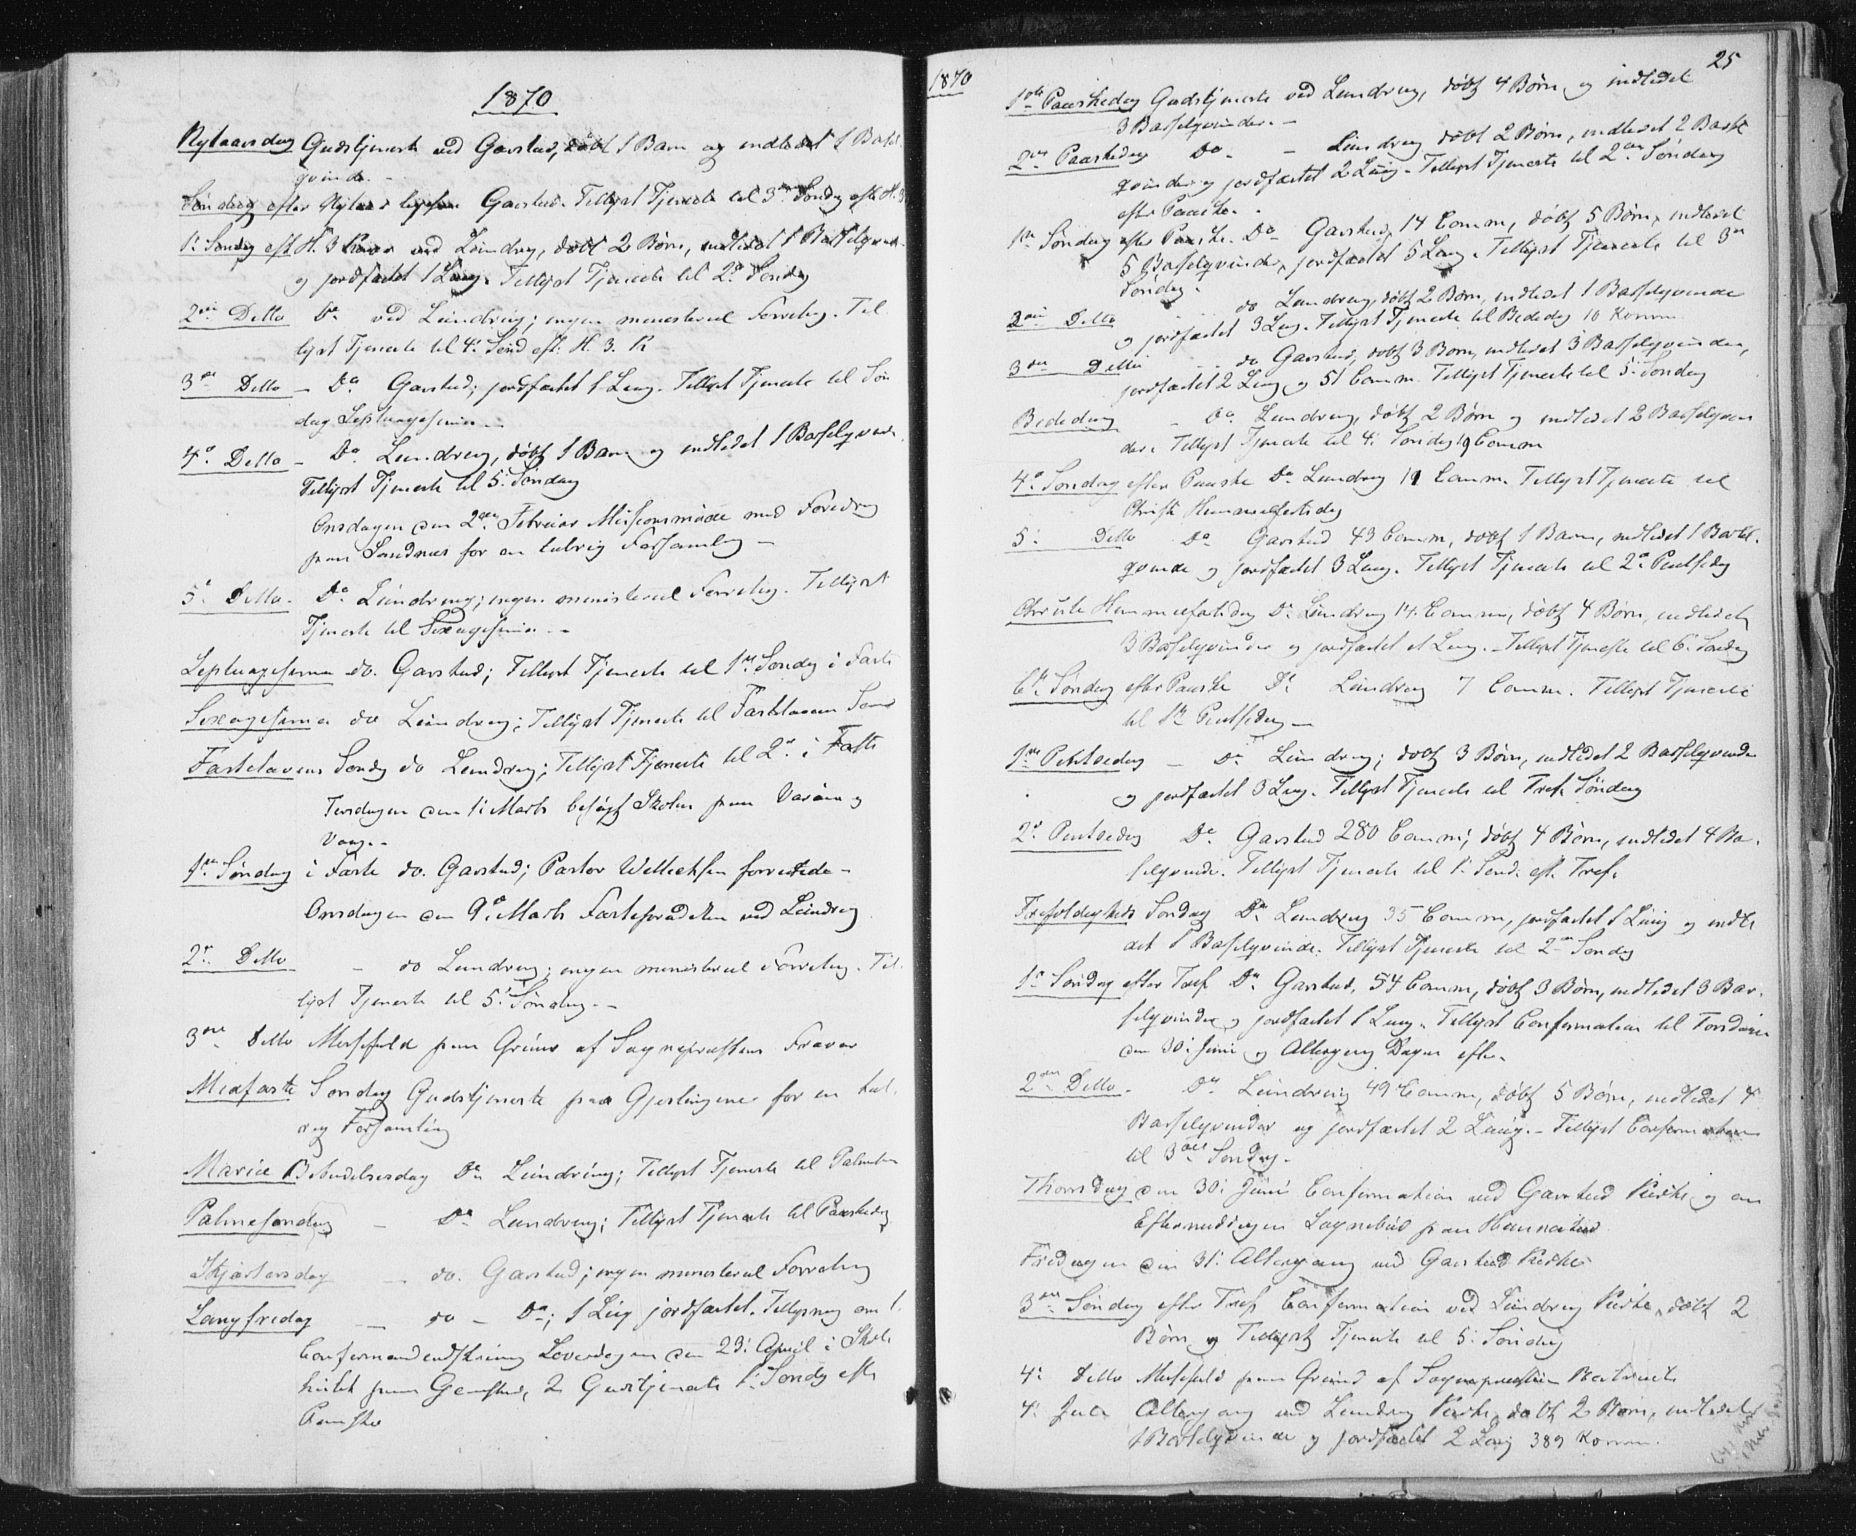 SAT, Ministerialprotokoller, klokkerbøker og fødselsregistre - Nord-Trøndelag, 784/L0670: Ministerialbok nr. 784A05, 1860-1876, s. 25